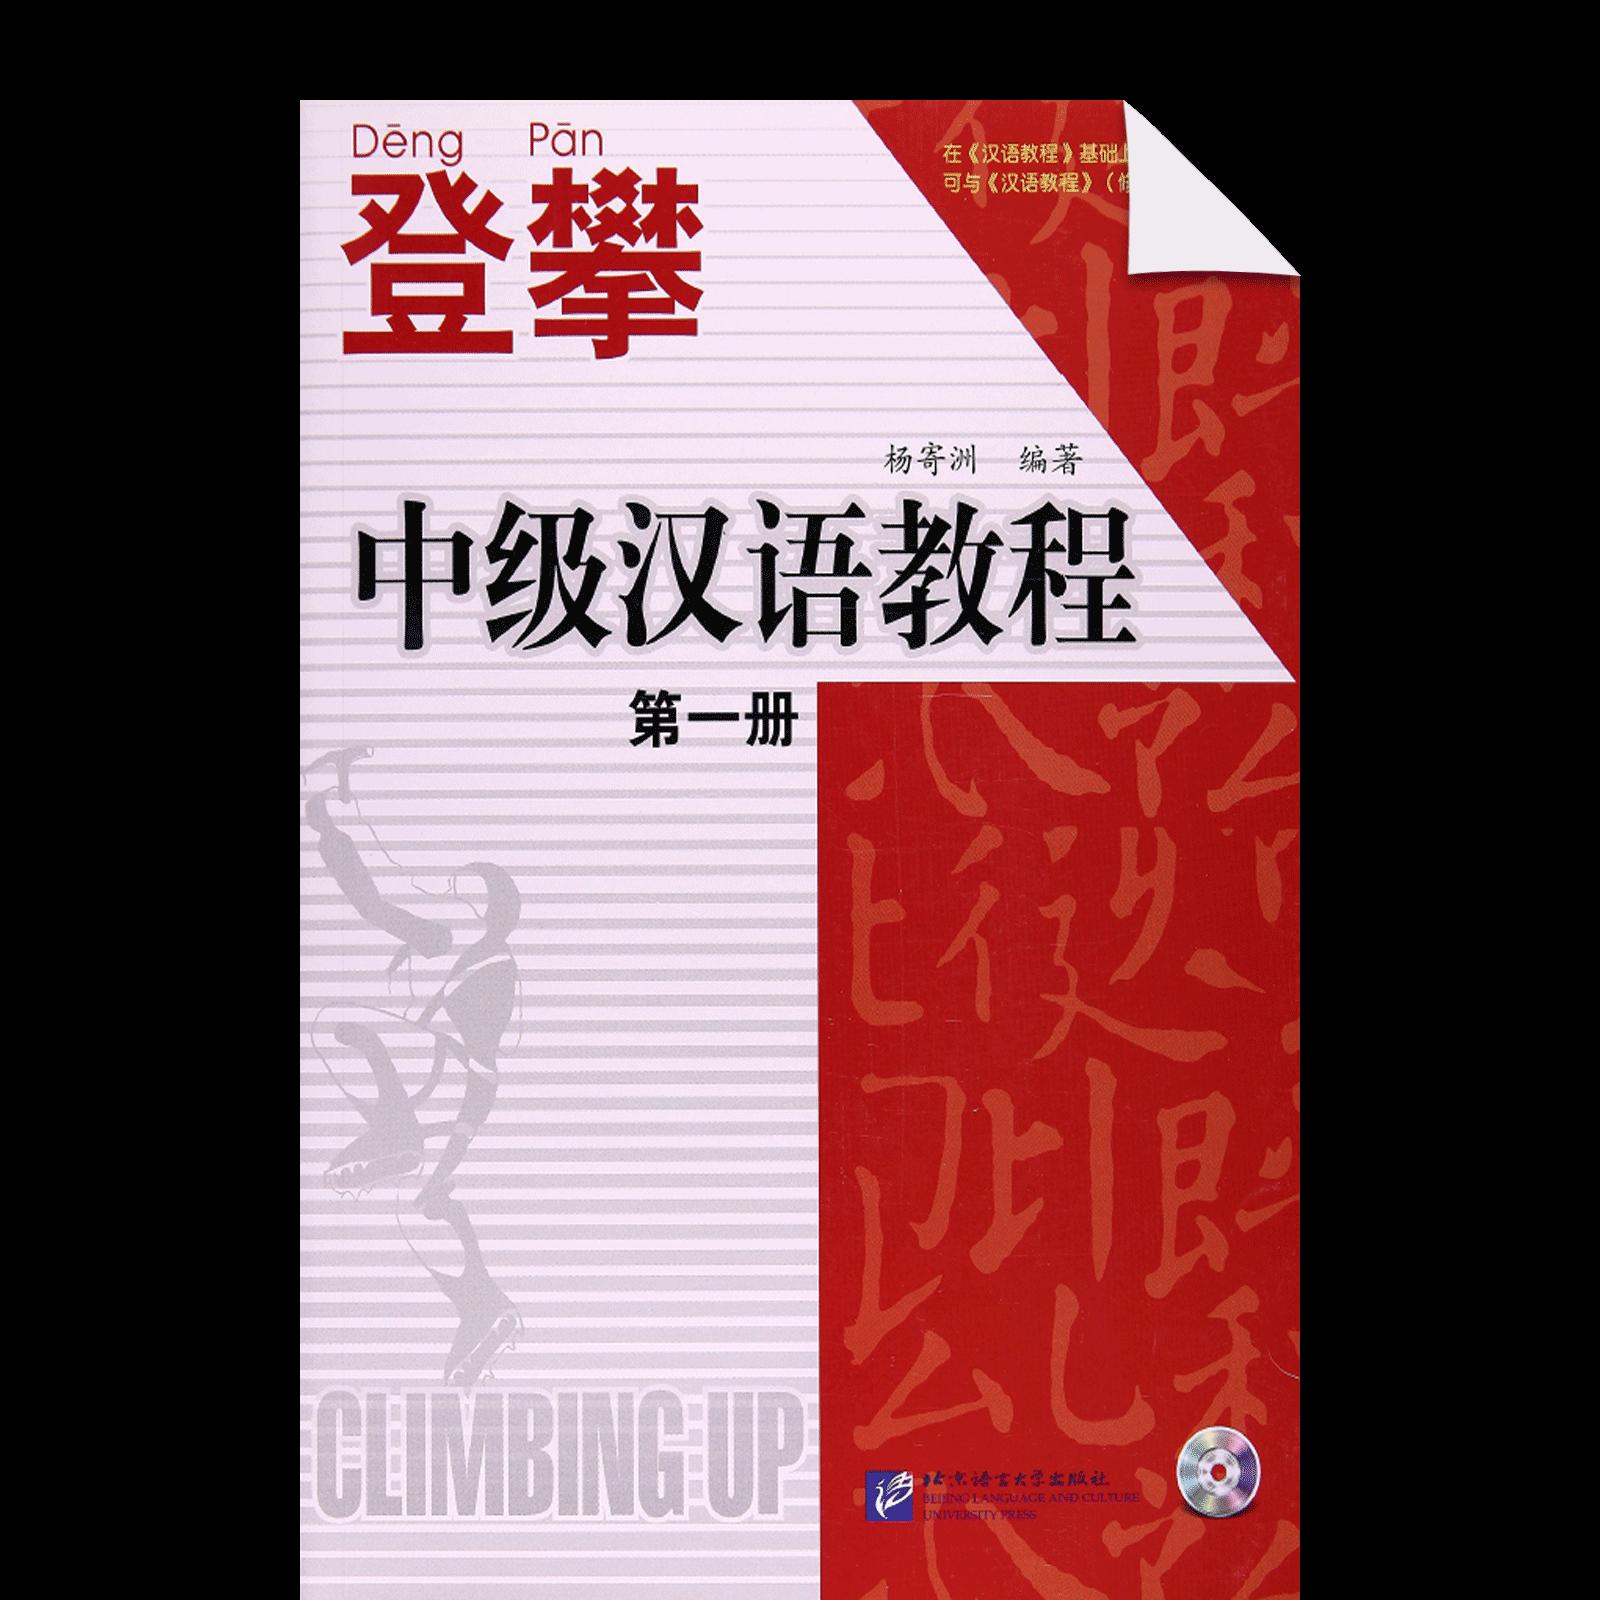 Zhongji Hanyu Jiaocheng Di1Ce